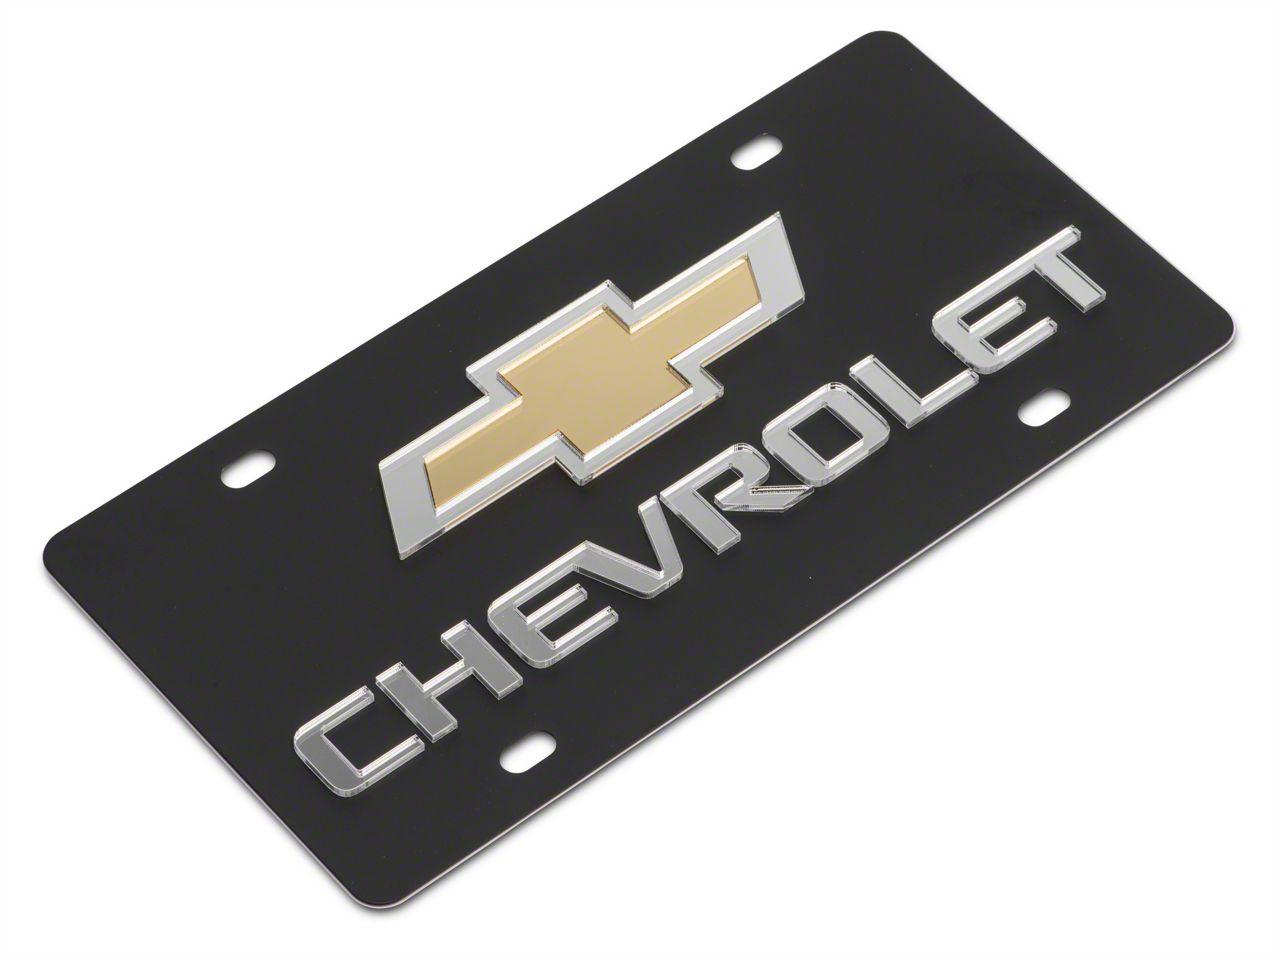 SpeedForm Carbon Steel License Plate w/ Gold Bowtie Chervolet Logo (99-18 Silverado 1500)